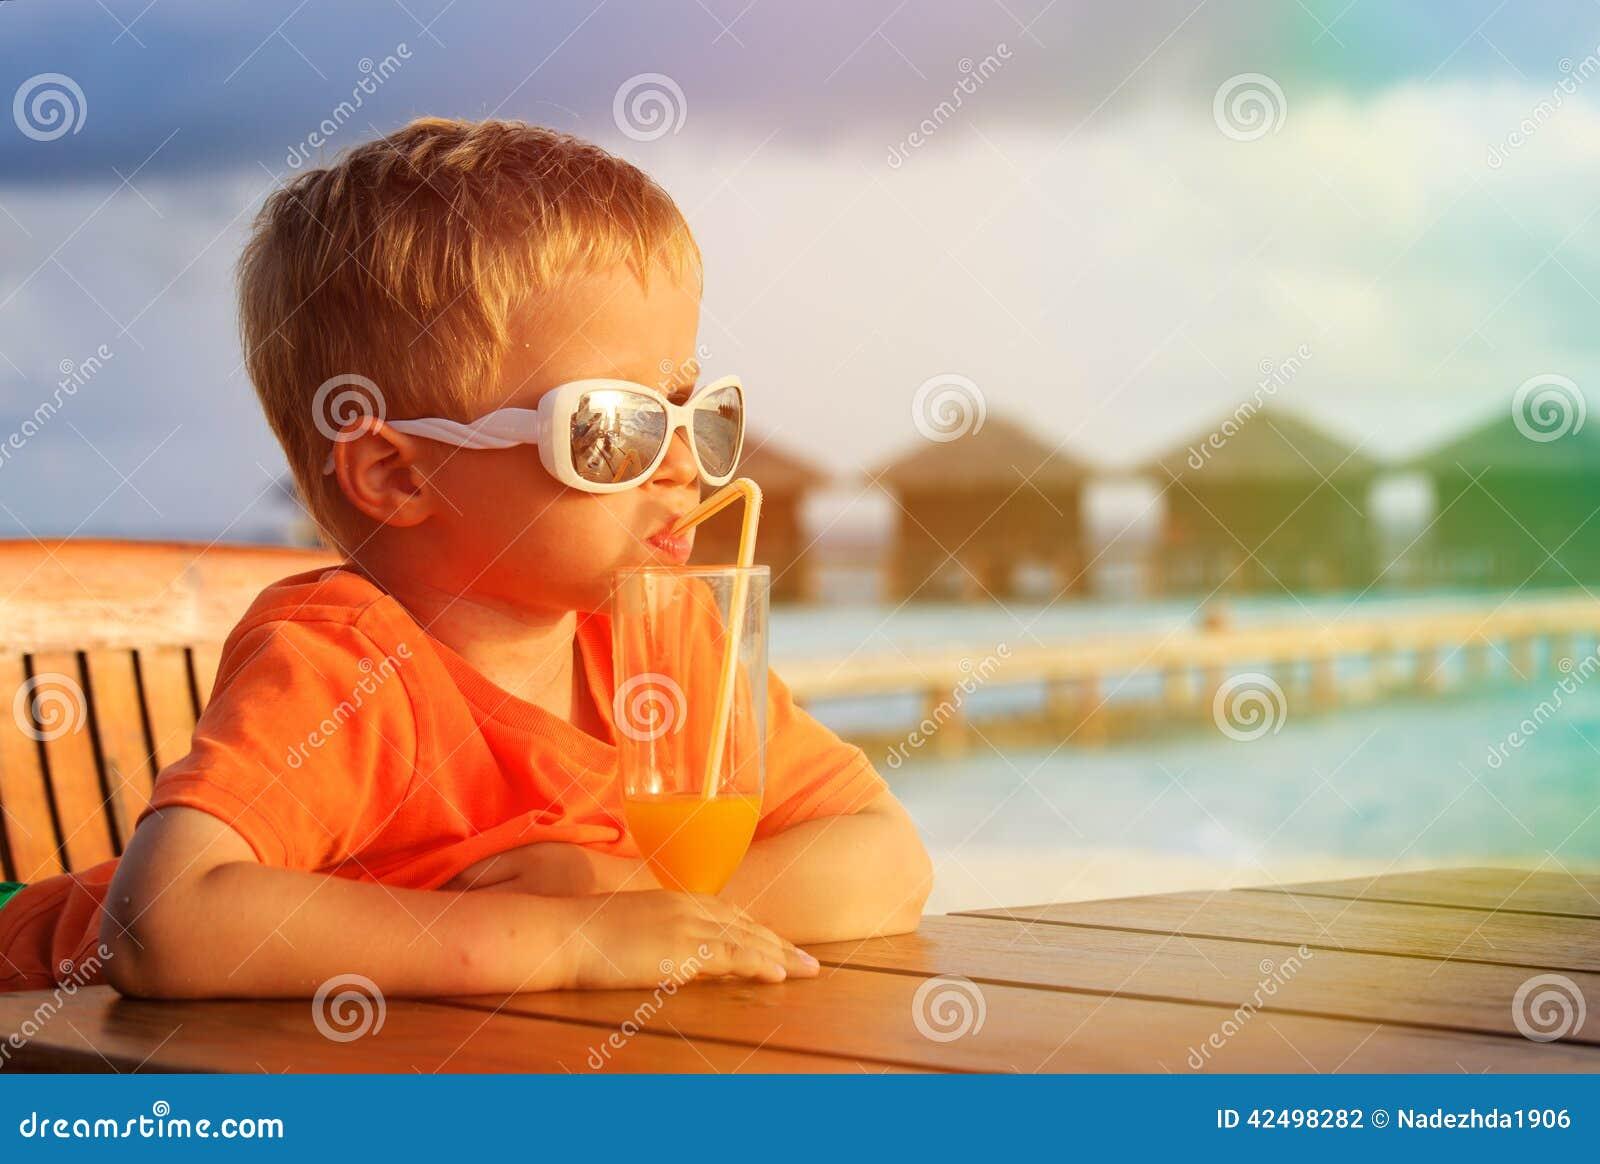 Chłopiec pije koktajl na tropikalnej plaży